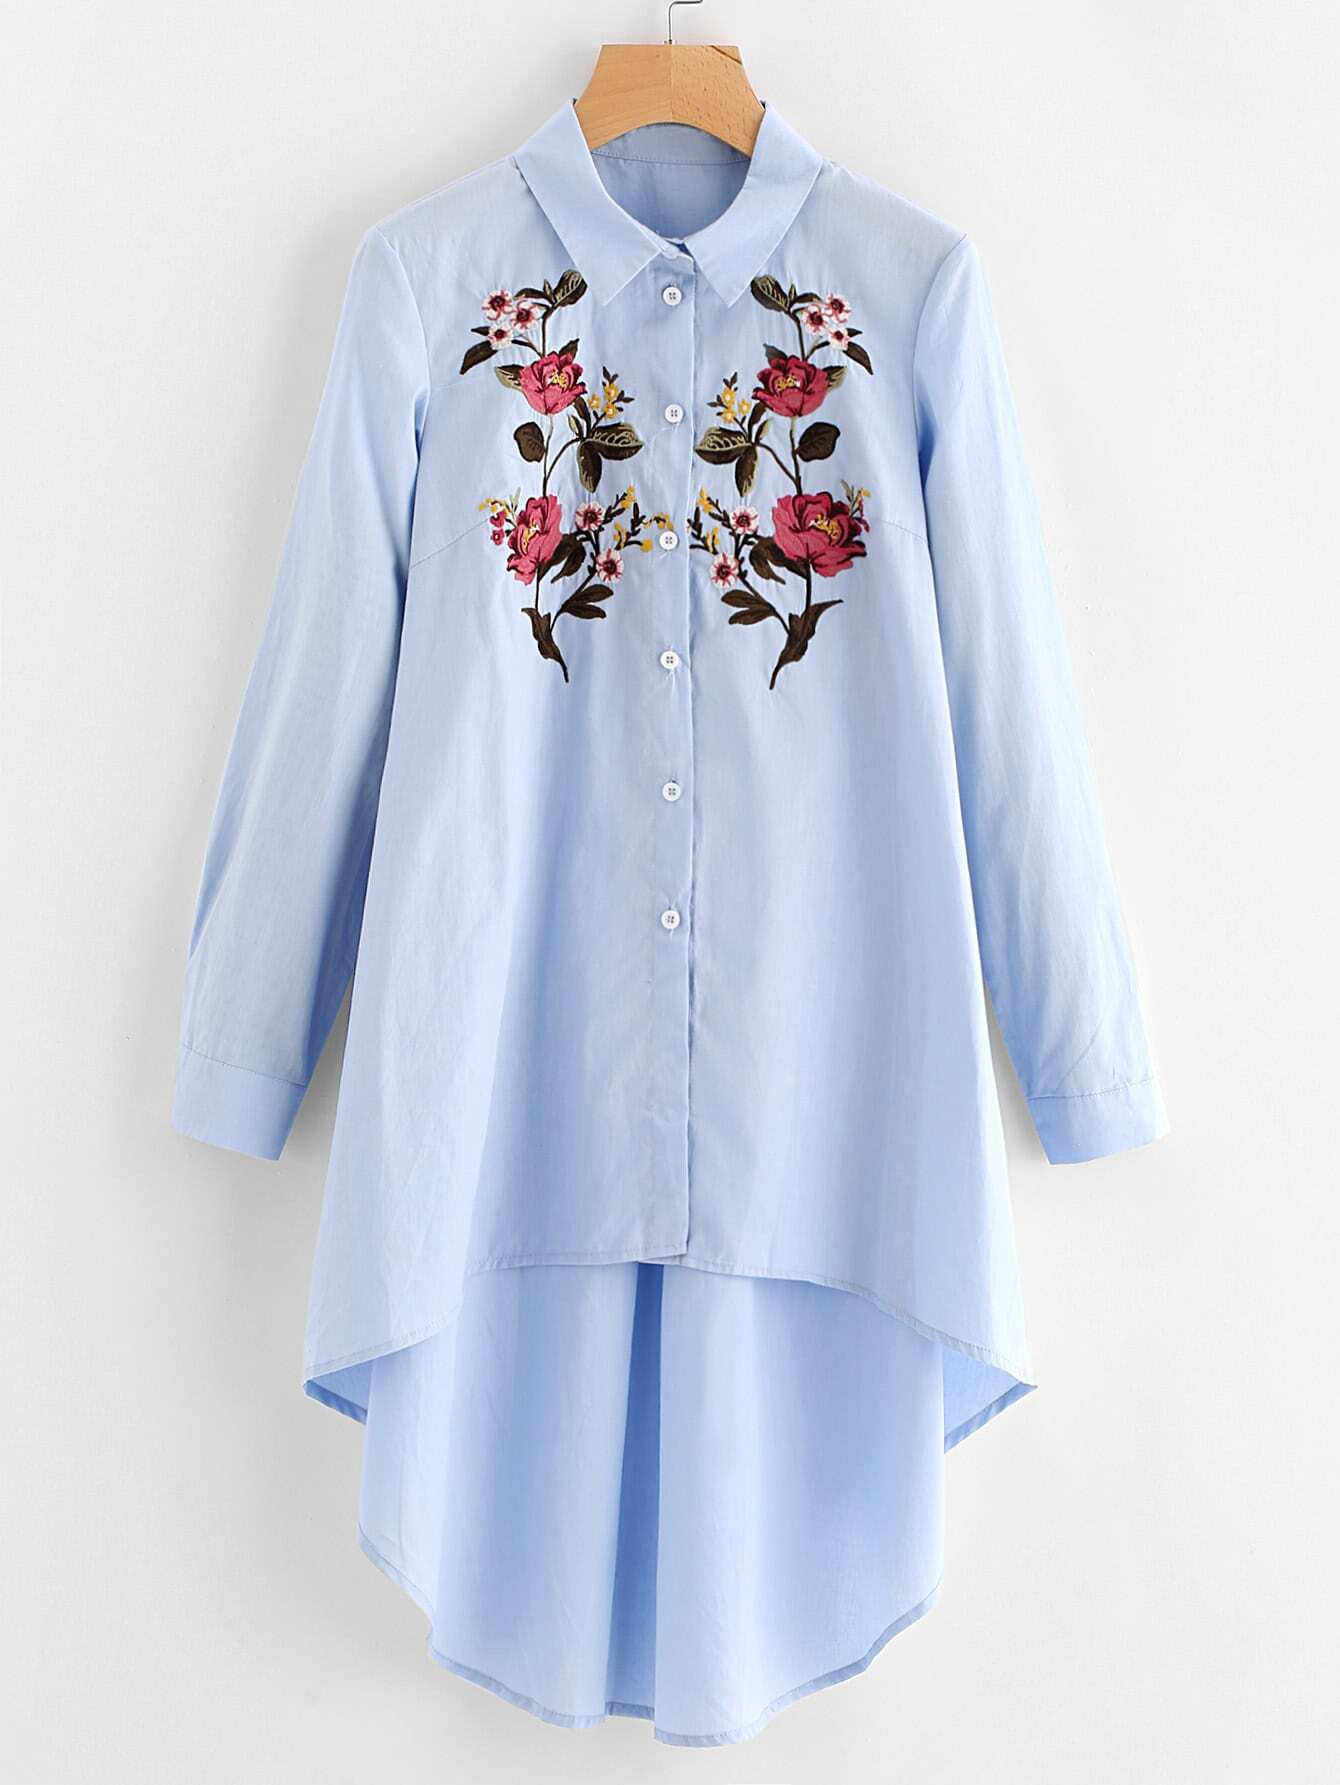 Купить Модная асимметричная рубашка с цветочной вышивкой, null, SheIn